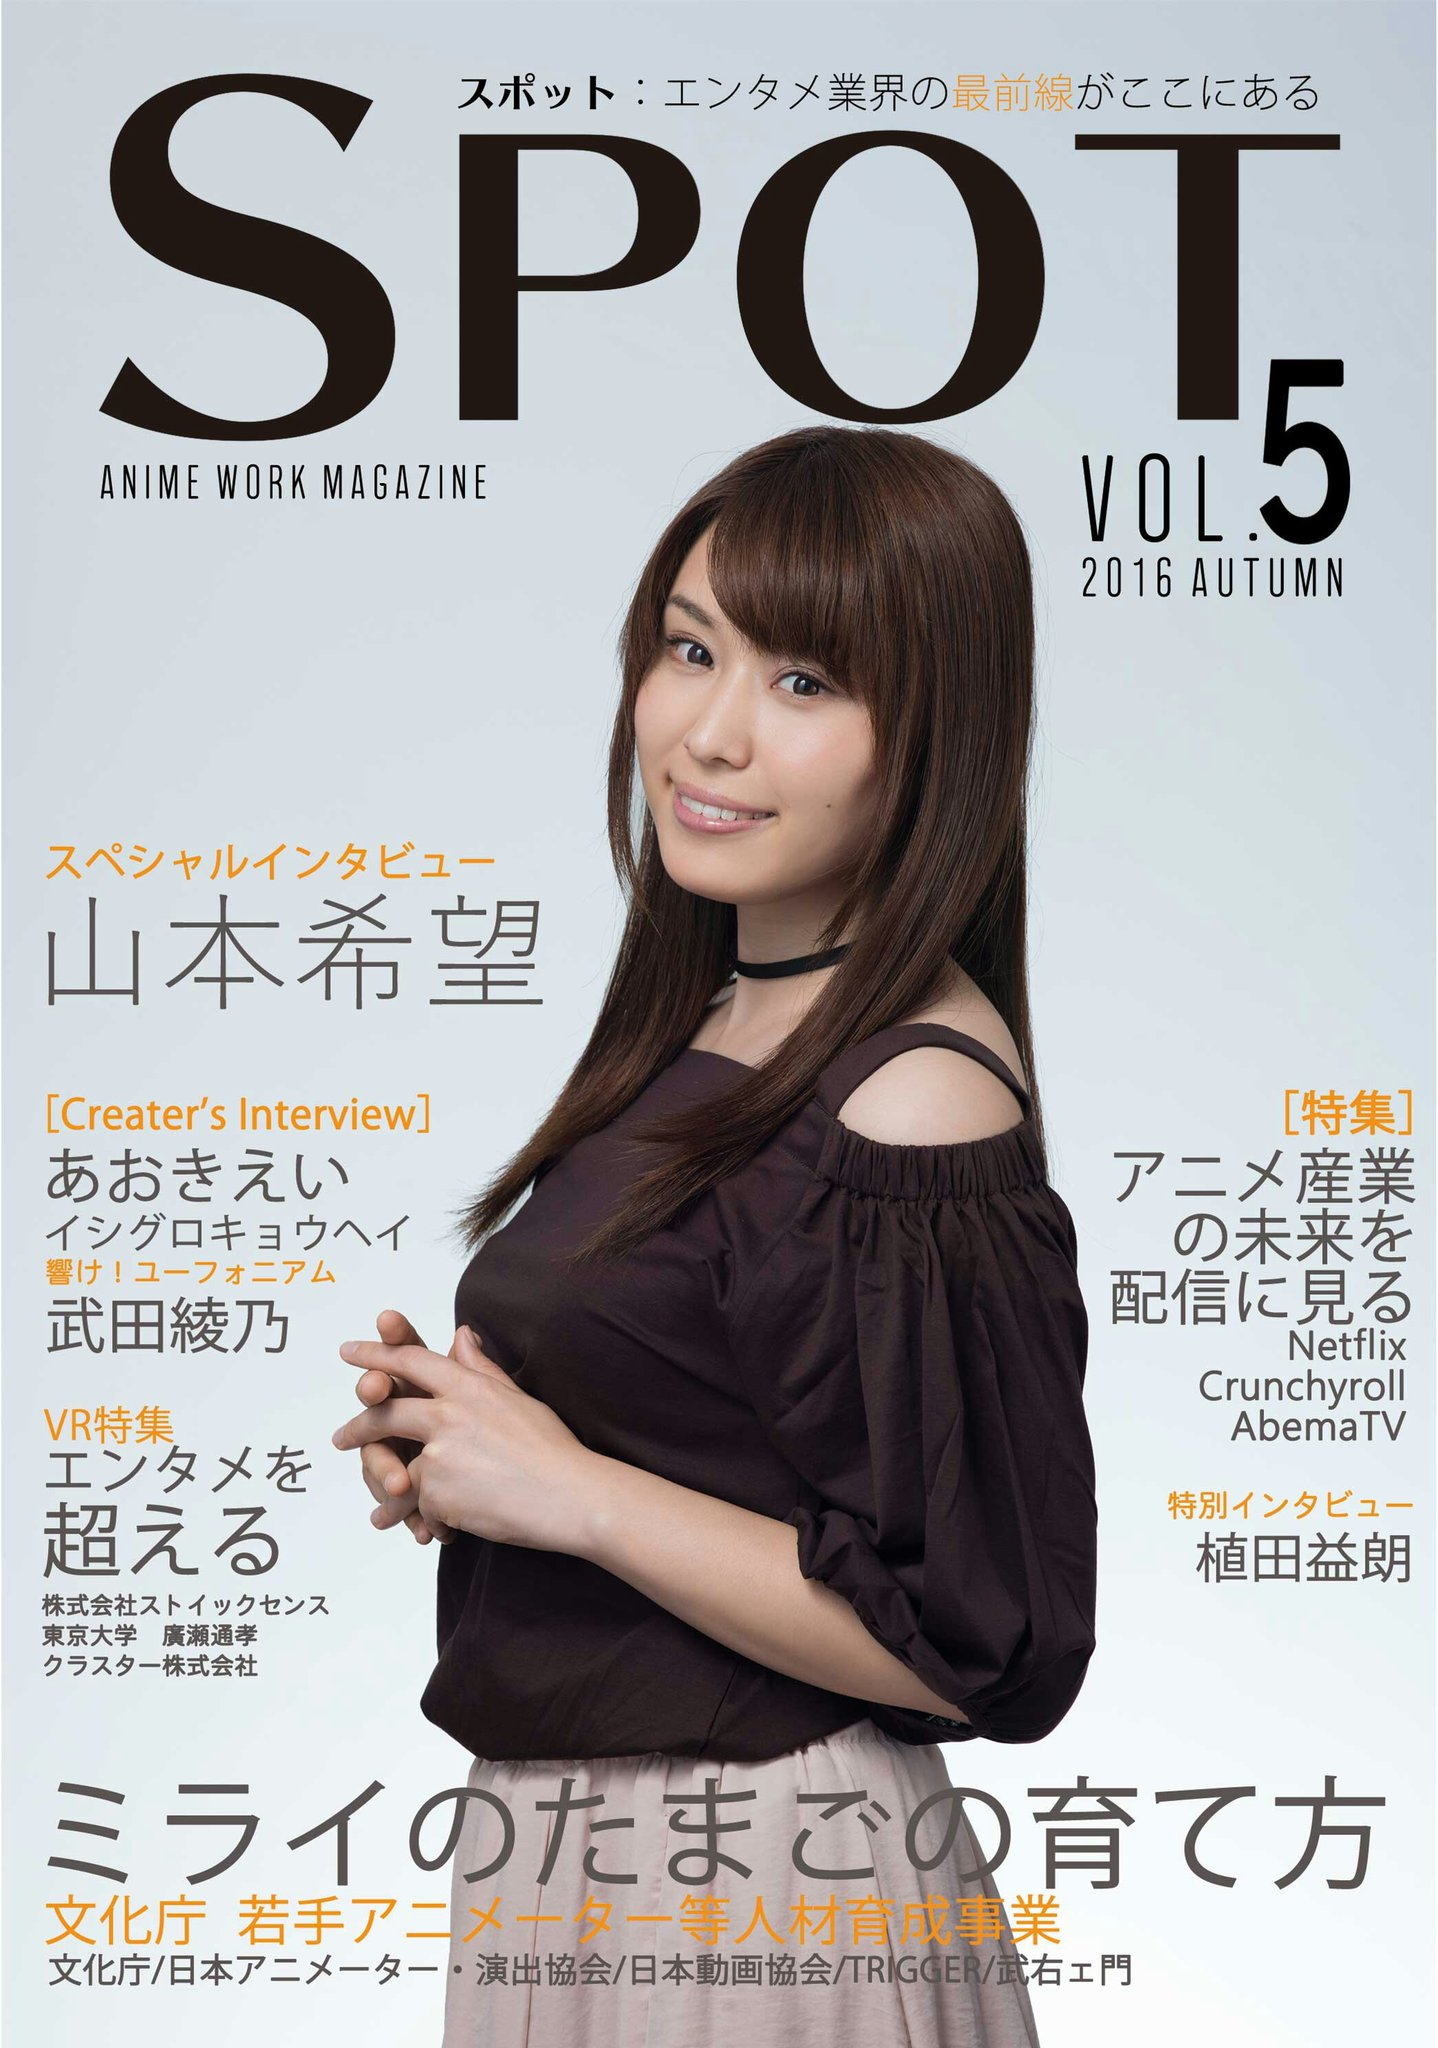 잡지 SPOT Vol.5 표지 사진, 성우 야마모토 노조..